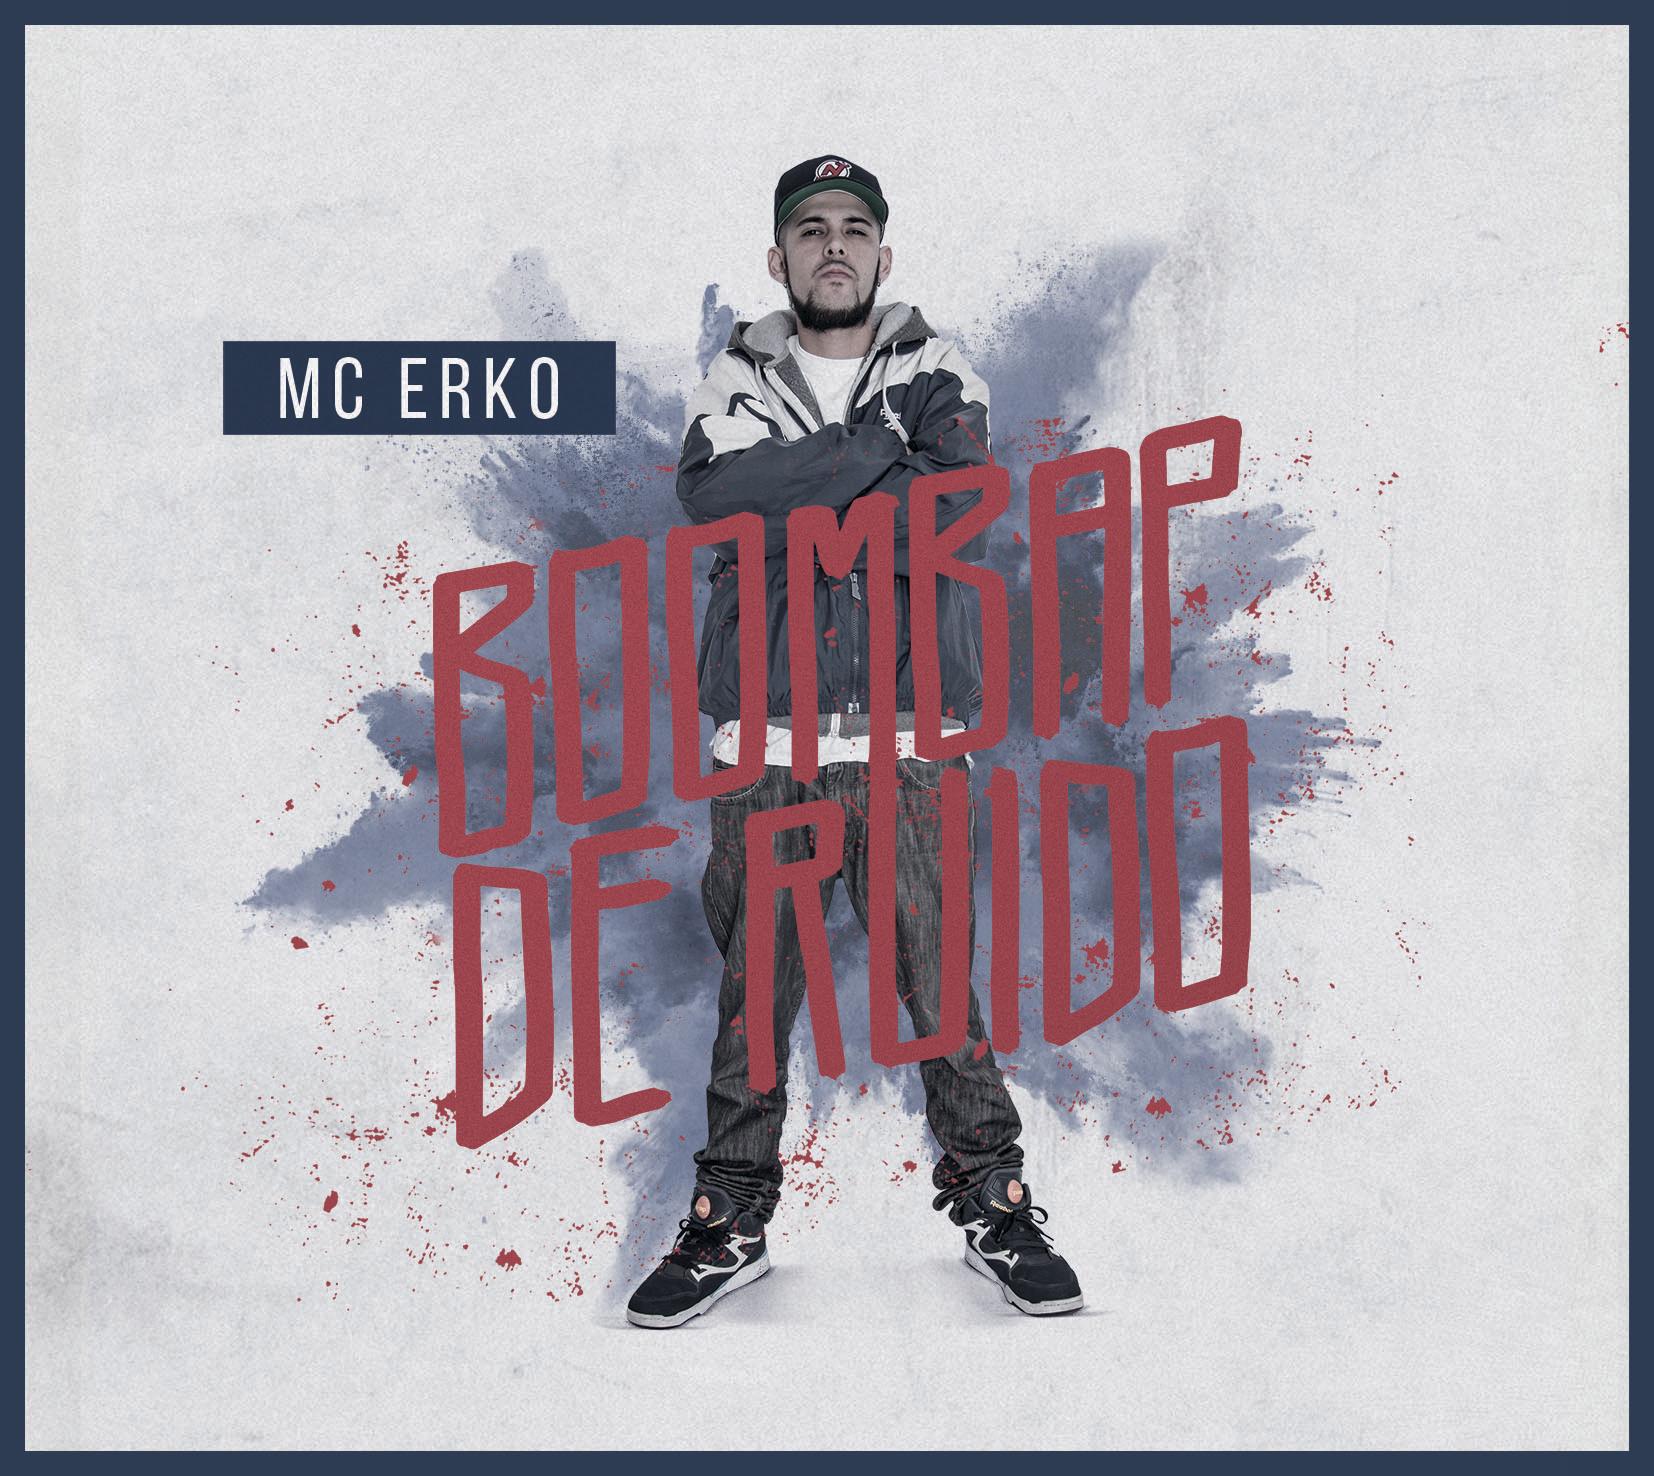 MC Erko - Boombap de Ruido